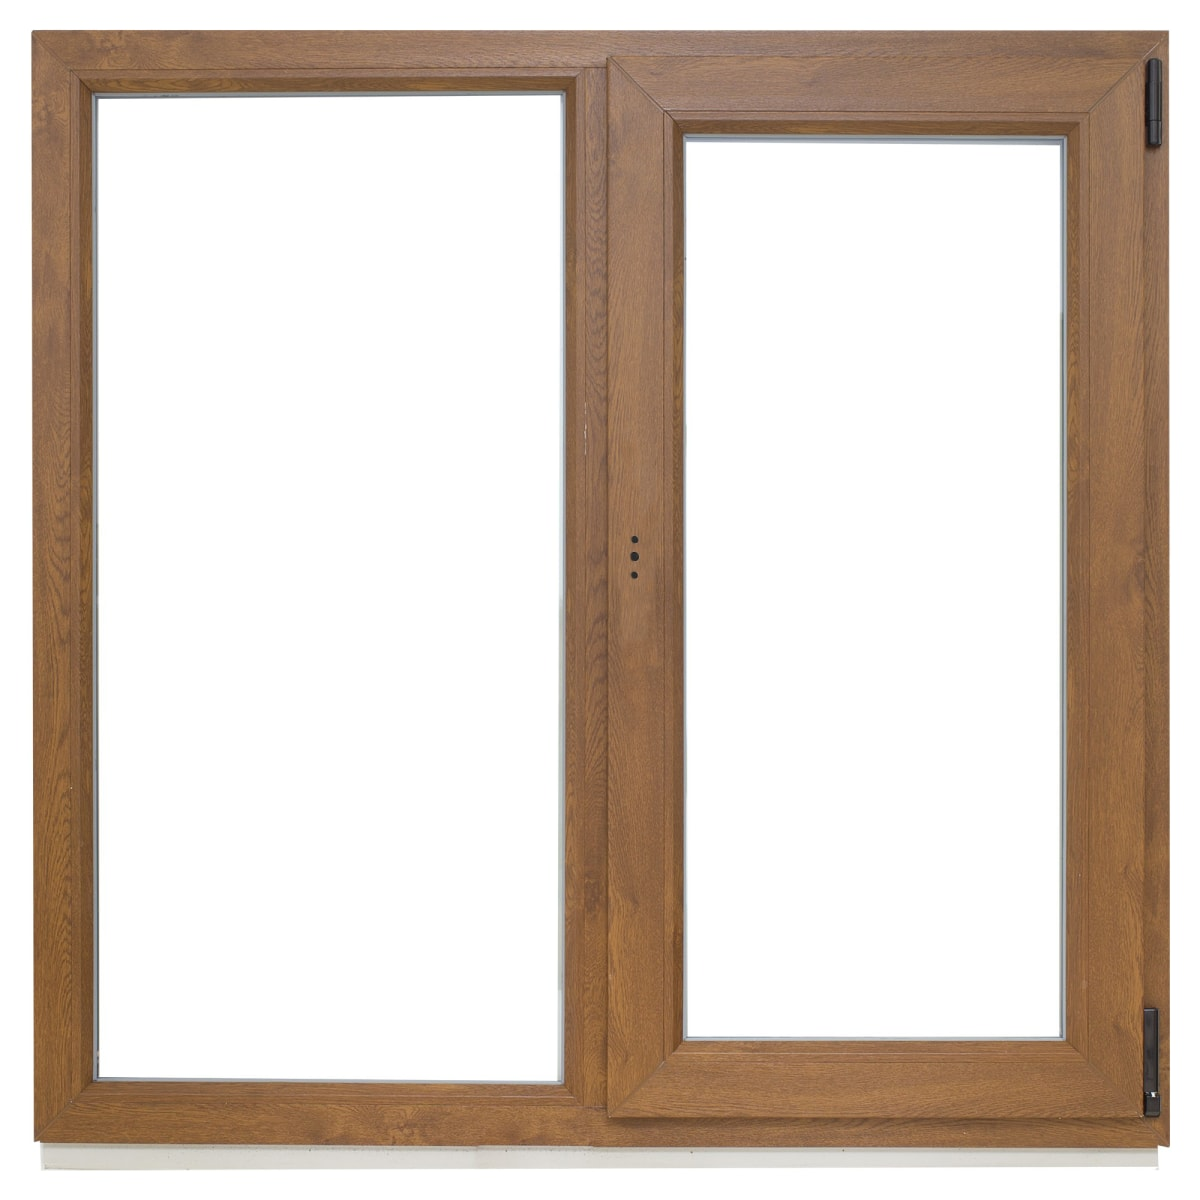 Окно ПВХ двустворчатое 120х100 см глухое/поворотное правое, цвет золотой дуб